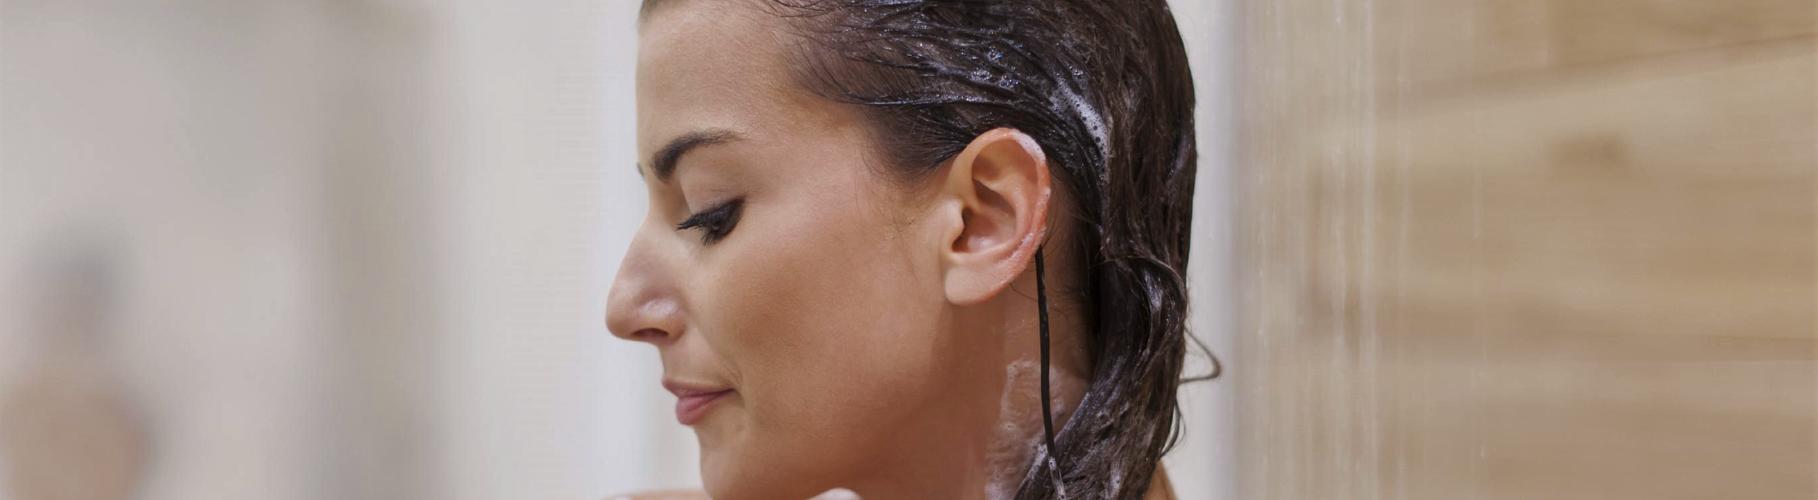 Femme en train de se laver ses cheveux avec un shampoing pour cheveux colorés